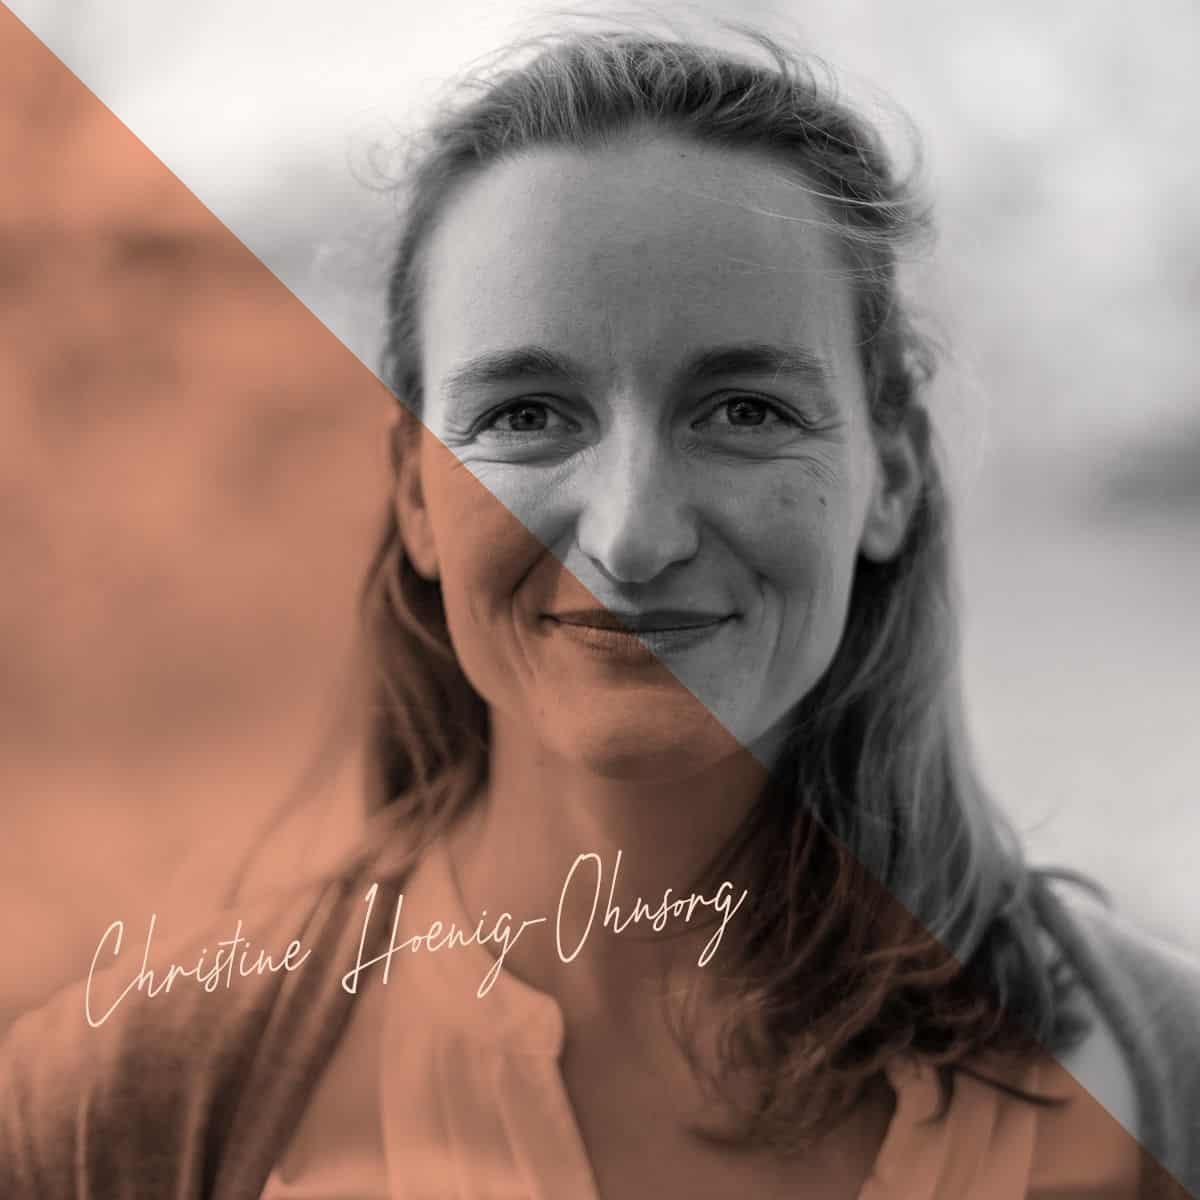 Christine Hoenig-Ohnsorg